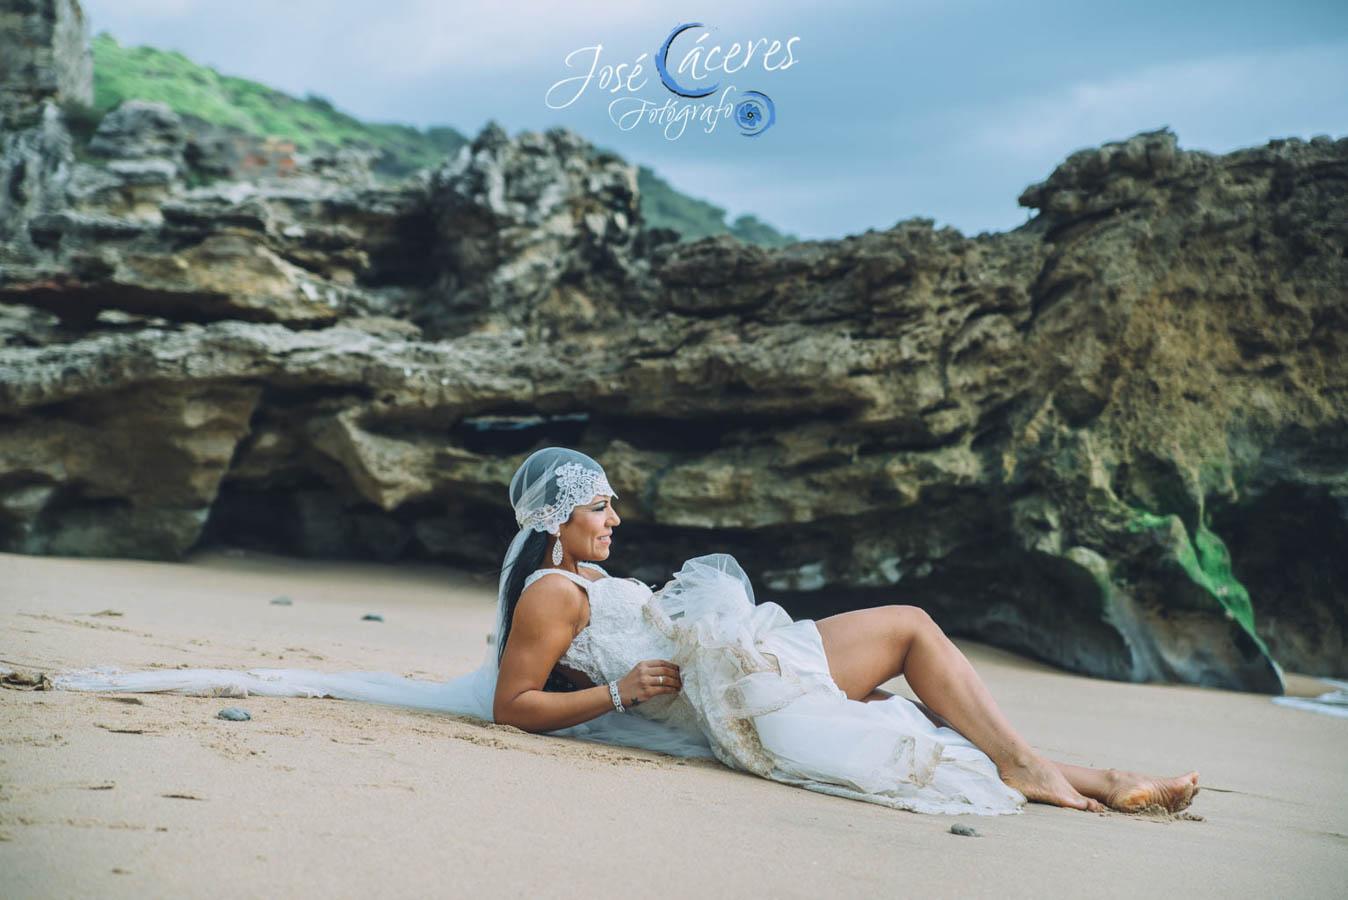 Sesion fotografica de jose caceres fotografia, post boda leticia y jose luis, playas-25